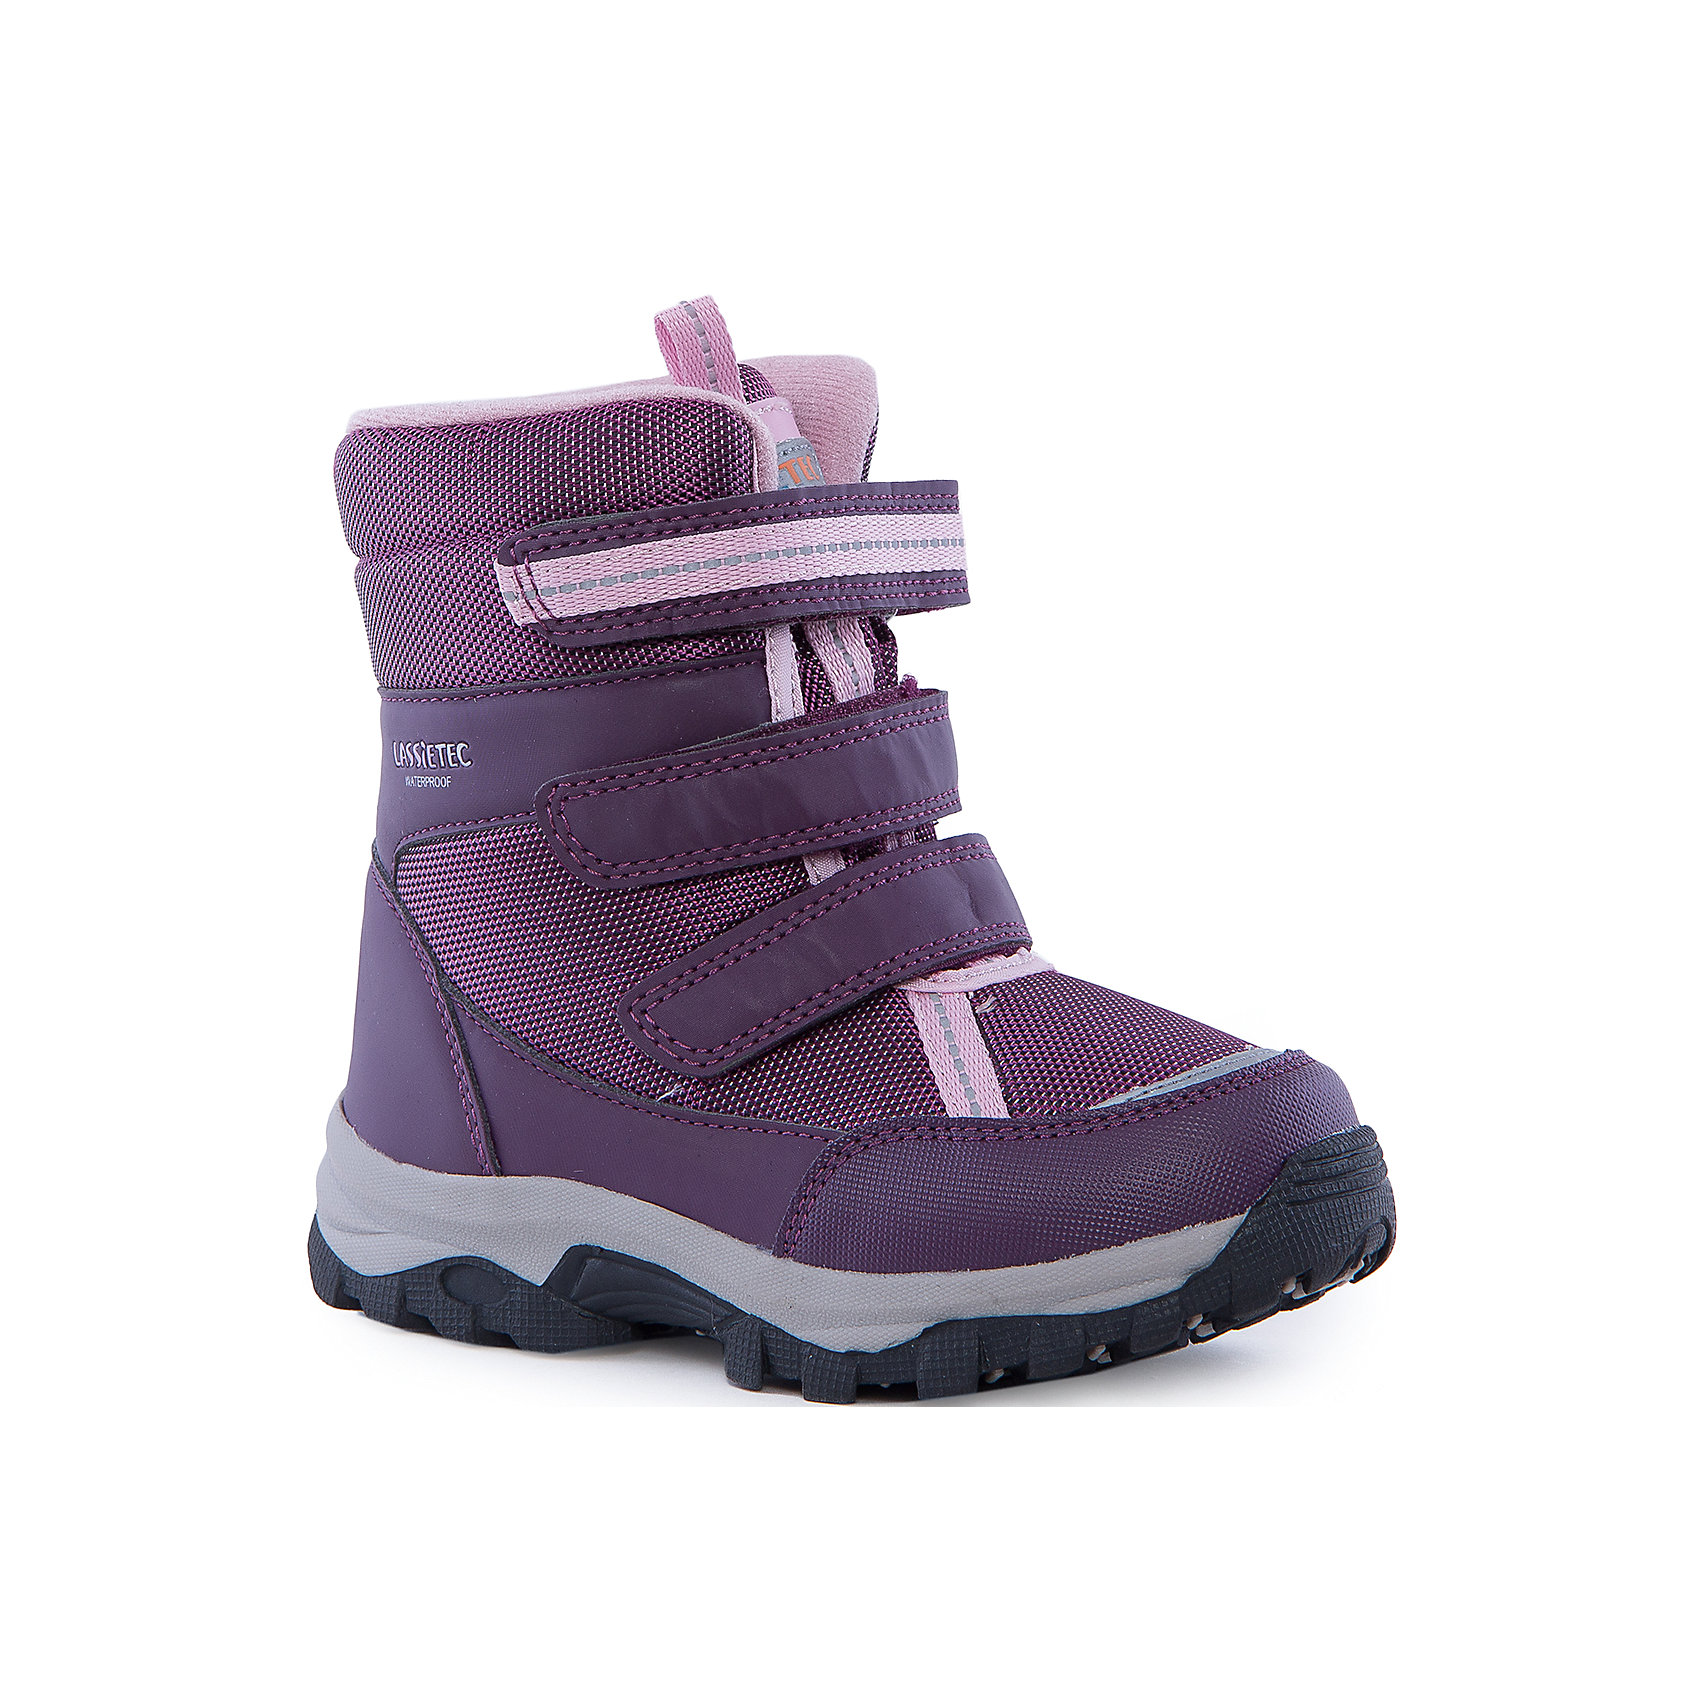 Ботинки для девочки LassieОбувь<br>Зимние сапоги для детей Lassietec®. <br><br>-Водонепроницаемая зимняя обувь.<br>- Верх из синтетического материала и текстиля.<br>- Подошва из термопластичного каучука обеспечивает хорошее сцепление с поверхностью. <br>-Водонепроницаемая конструкция с герметичными вставками и подкладкой из искусственного меха.<br>- Съемные стелькиЗастежки на липучках обеспечивают простоту использования. <br>-Светоотражающие детали. <br><br>Храните обувь в вертикальном положении при комнатной температуре. Сушить обувь всегда следует при комнатной температуре: вынув съемные стельки. Стельки следует время от времени заменять на новые. Налипшую грязь можно счищать щеткой или влажной тряпкой. Перед использованием обувь рекомендуется обрабатывать специальными защитными средствами.<br><br>Состав: Подошва: Термопластиковая резина, Верх: 80% Брезент 20% ПУ.<br><br>Ширина мм: 257<br>Глубина мм: 180<br>Высота мм: 130<br>Вес г: 420<br>Цвет: лиловый<br>Возраст от месяцев: 144<br>Возраст до месяцев: 156<br>Пол: Женский<br>Возраст: Детский<br>Размер: 36,33,34,35,37,38,26,24,25,27,28,29,30,31,32<br>SKU: 4780840